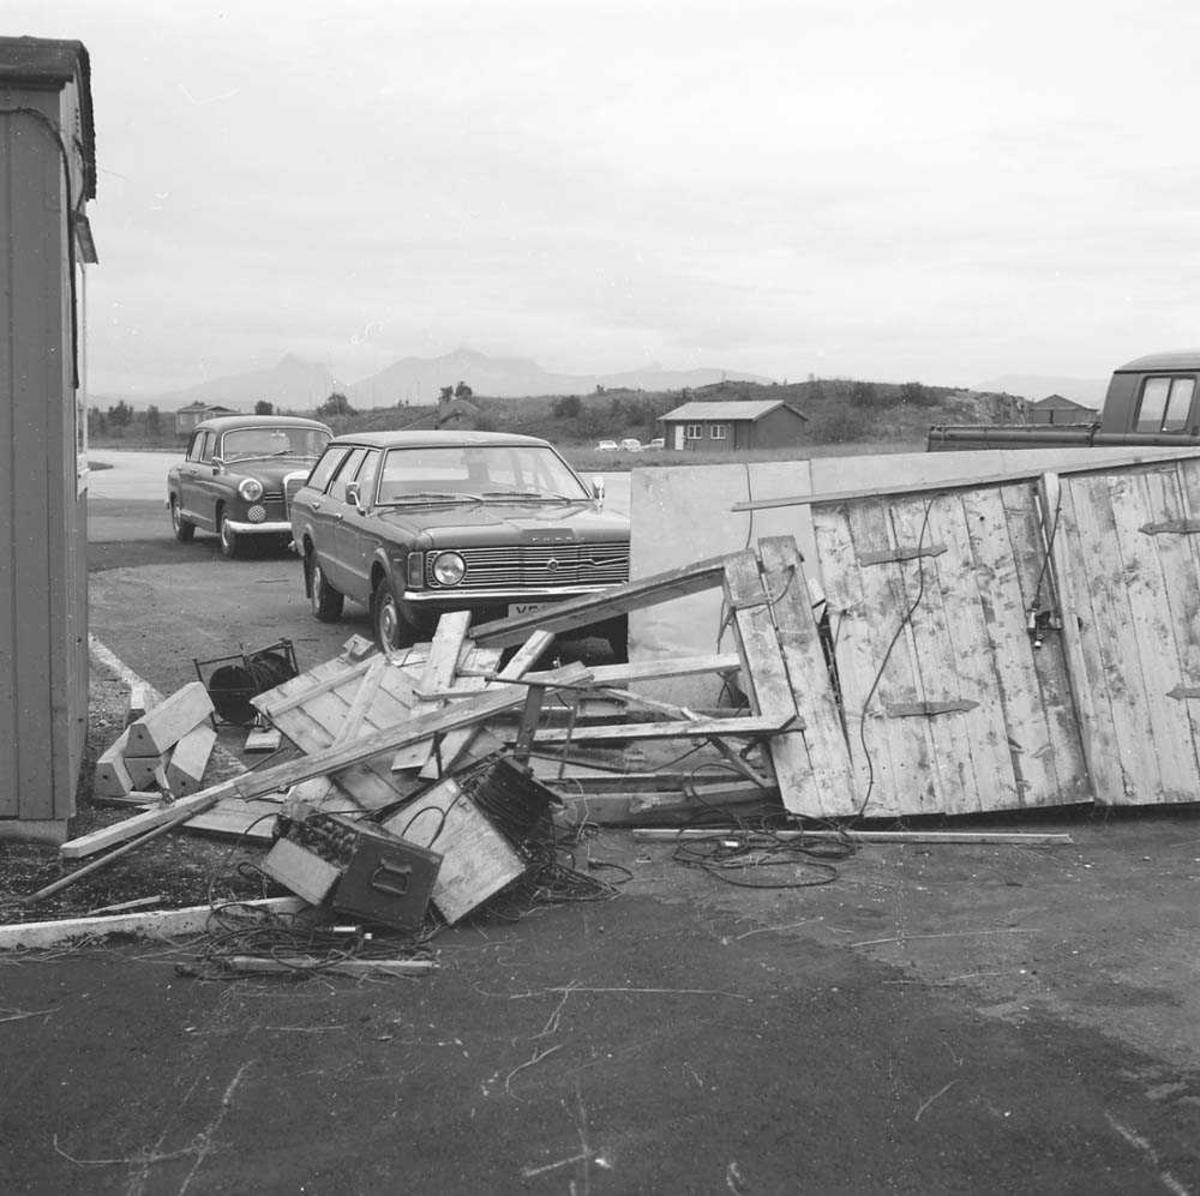 Skade på Line skur på Bodø flystasjon, da en C-141 Starlifter, USAF, taxet og kom borti skuret og bilen som står nærmest.